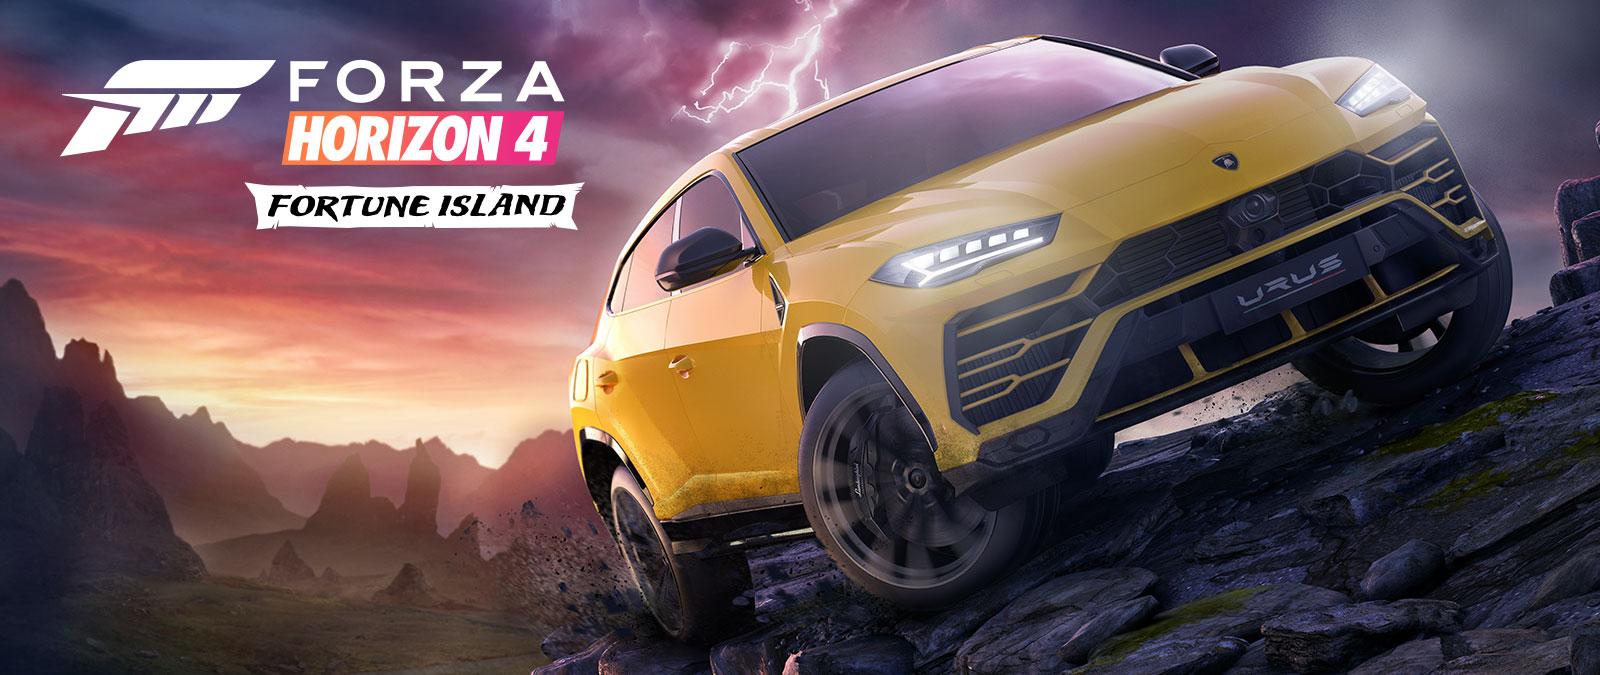 Forza Horizon 4 Fortune Island, um Lamborghini Urus amarelo dirige em um terreno periogoso com raios no fundo